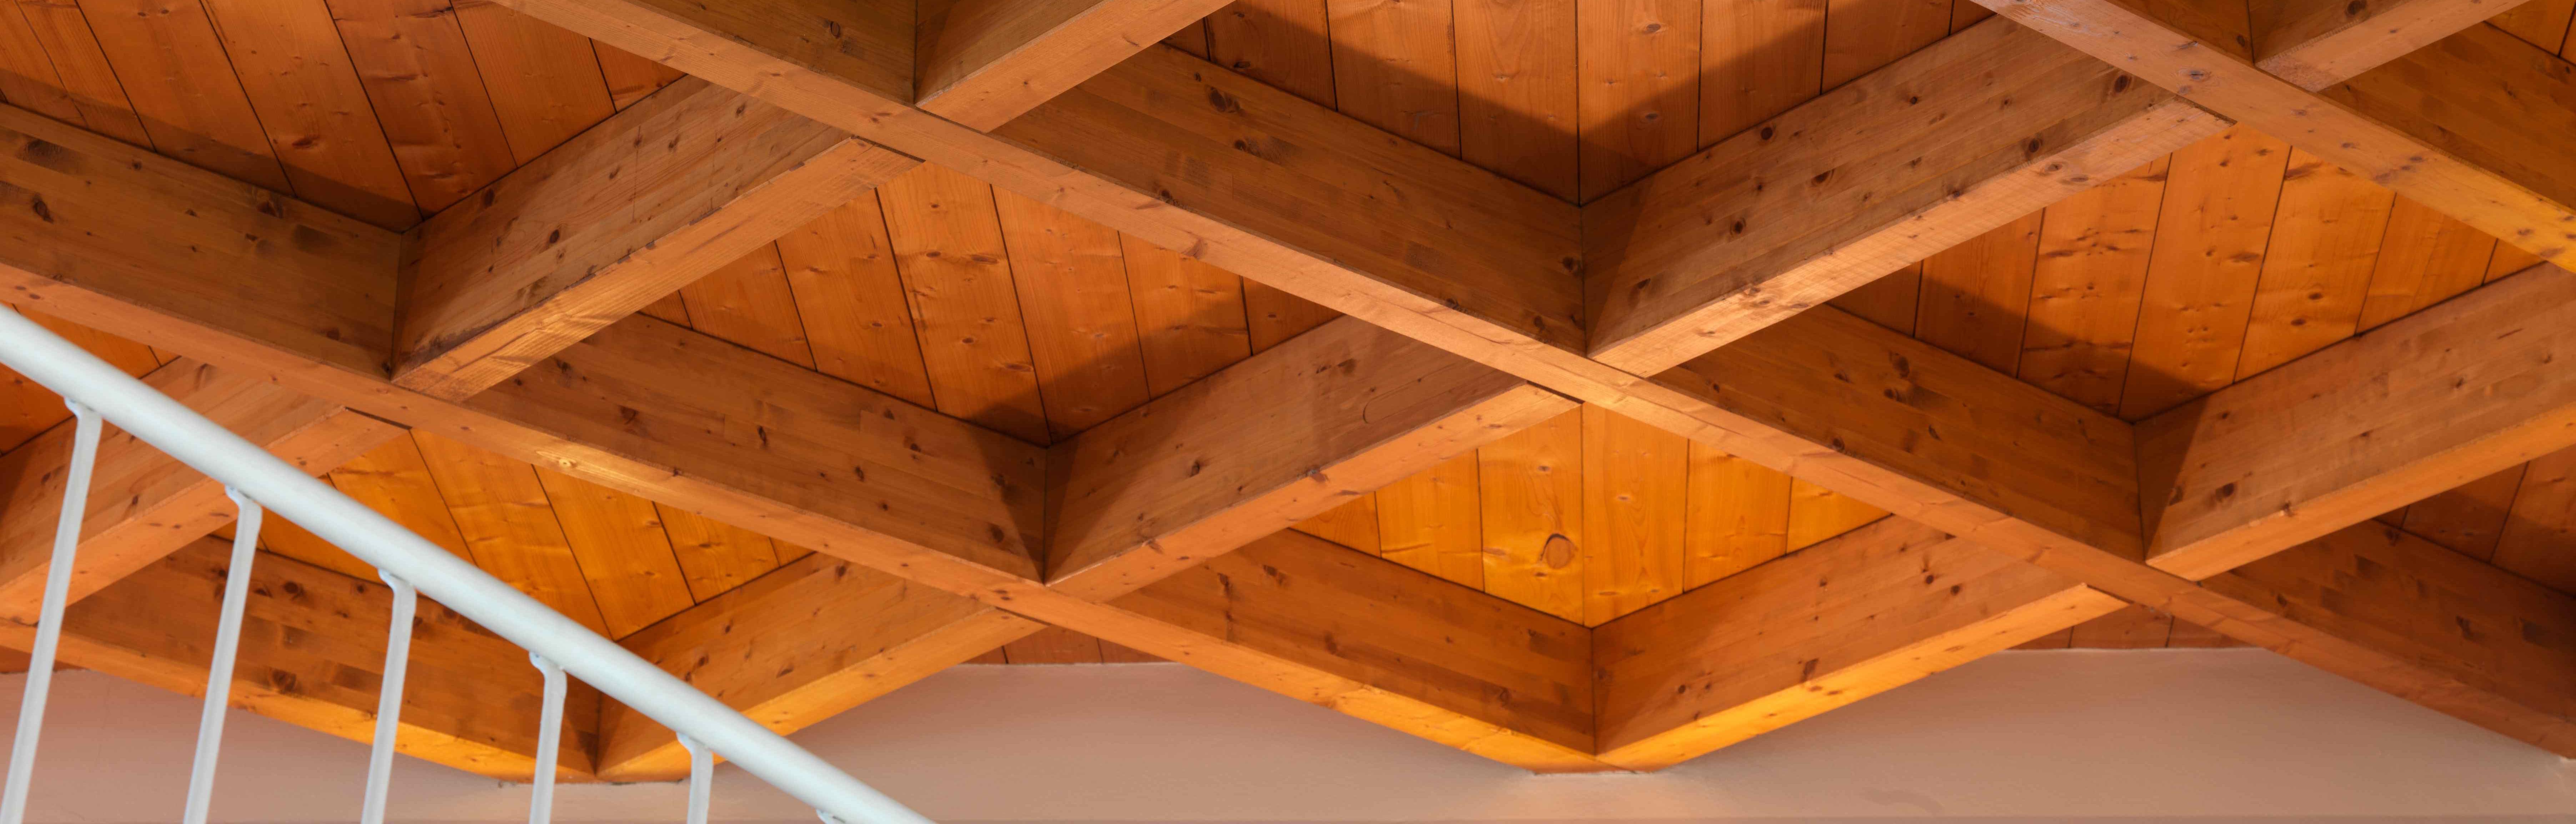 Tetto in legno - Copertura in legno Jove